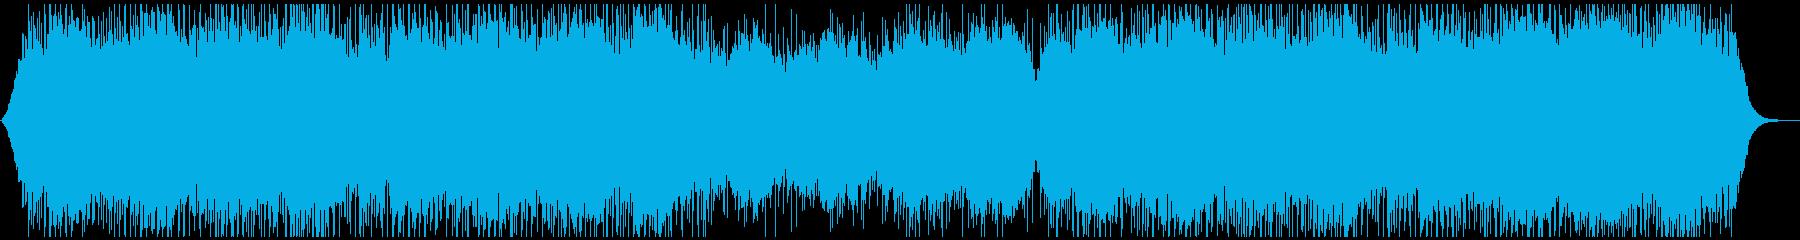 会社紹介や企業VPに明るく華やかな生音系の再生済みの波形